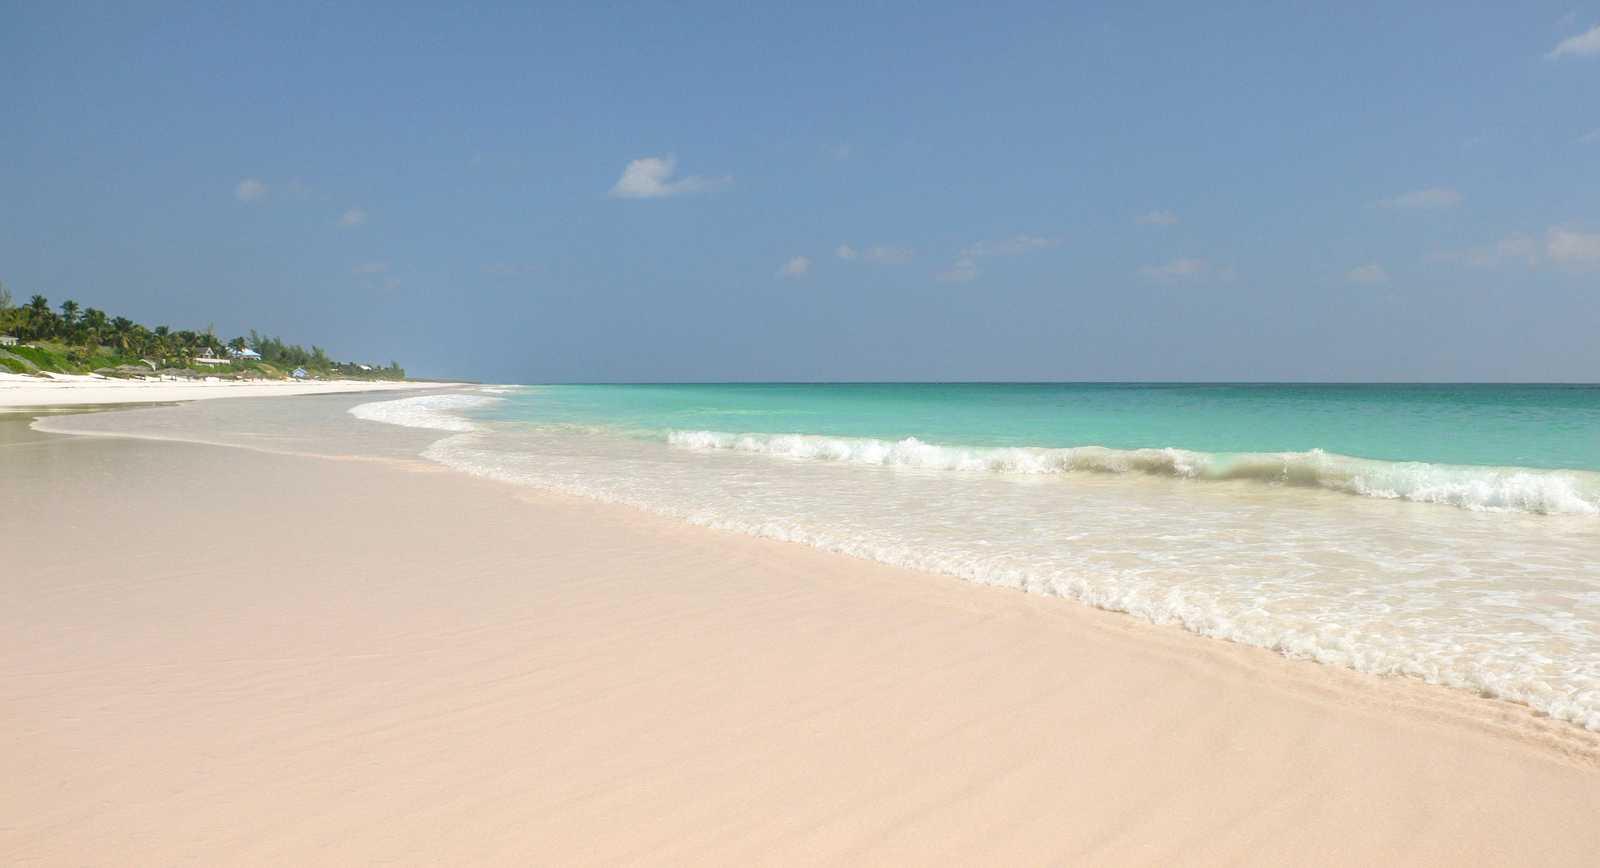 Pink Sand Beach in der Nähe